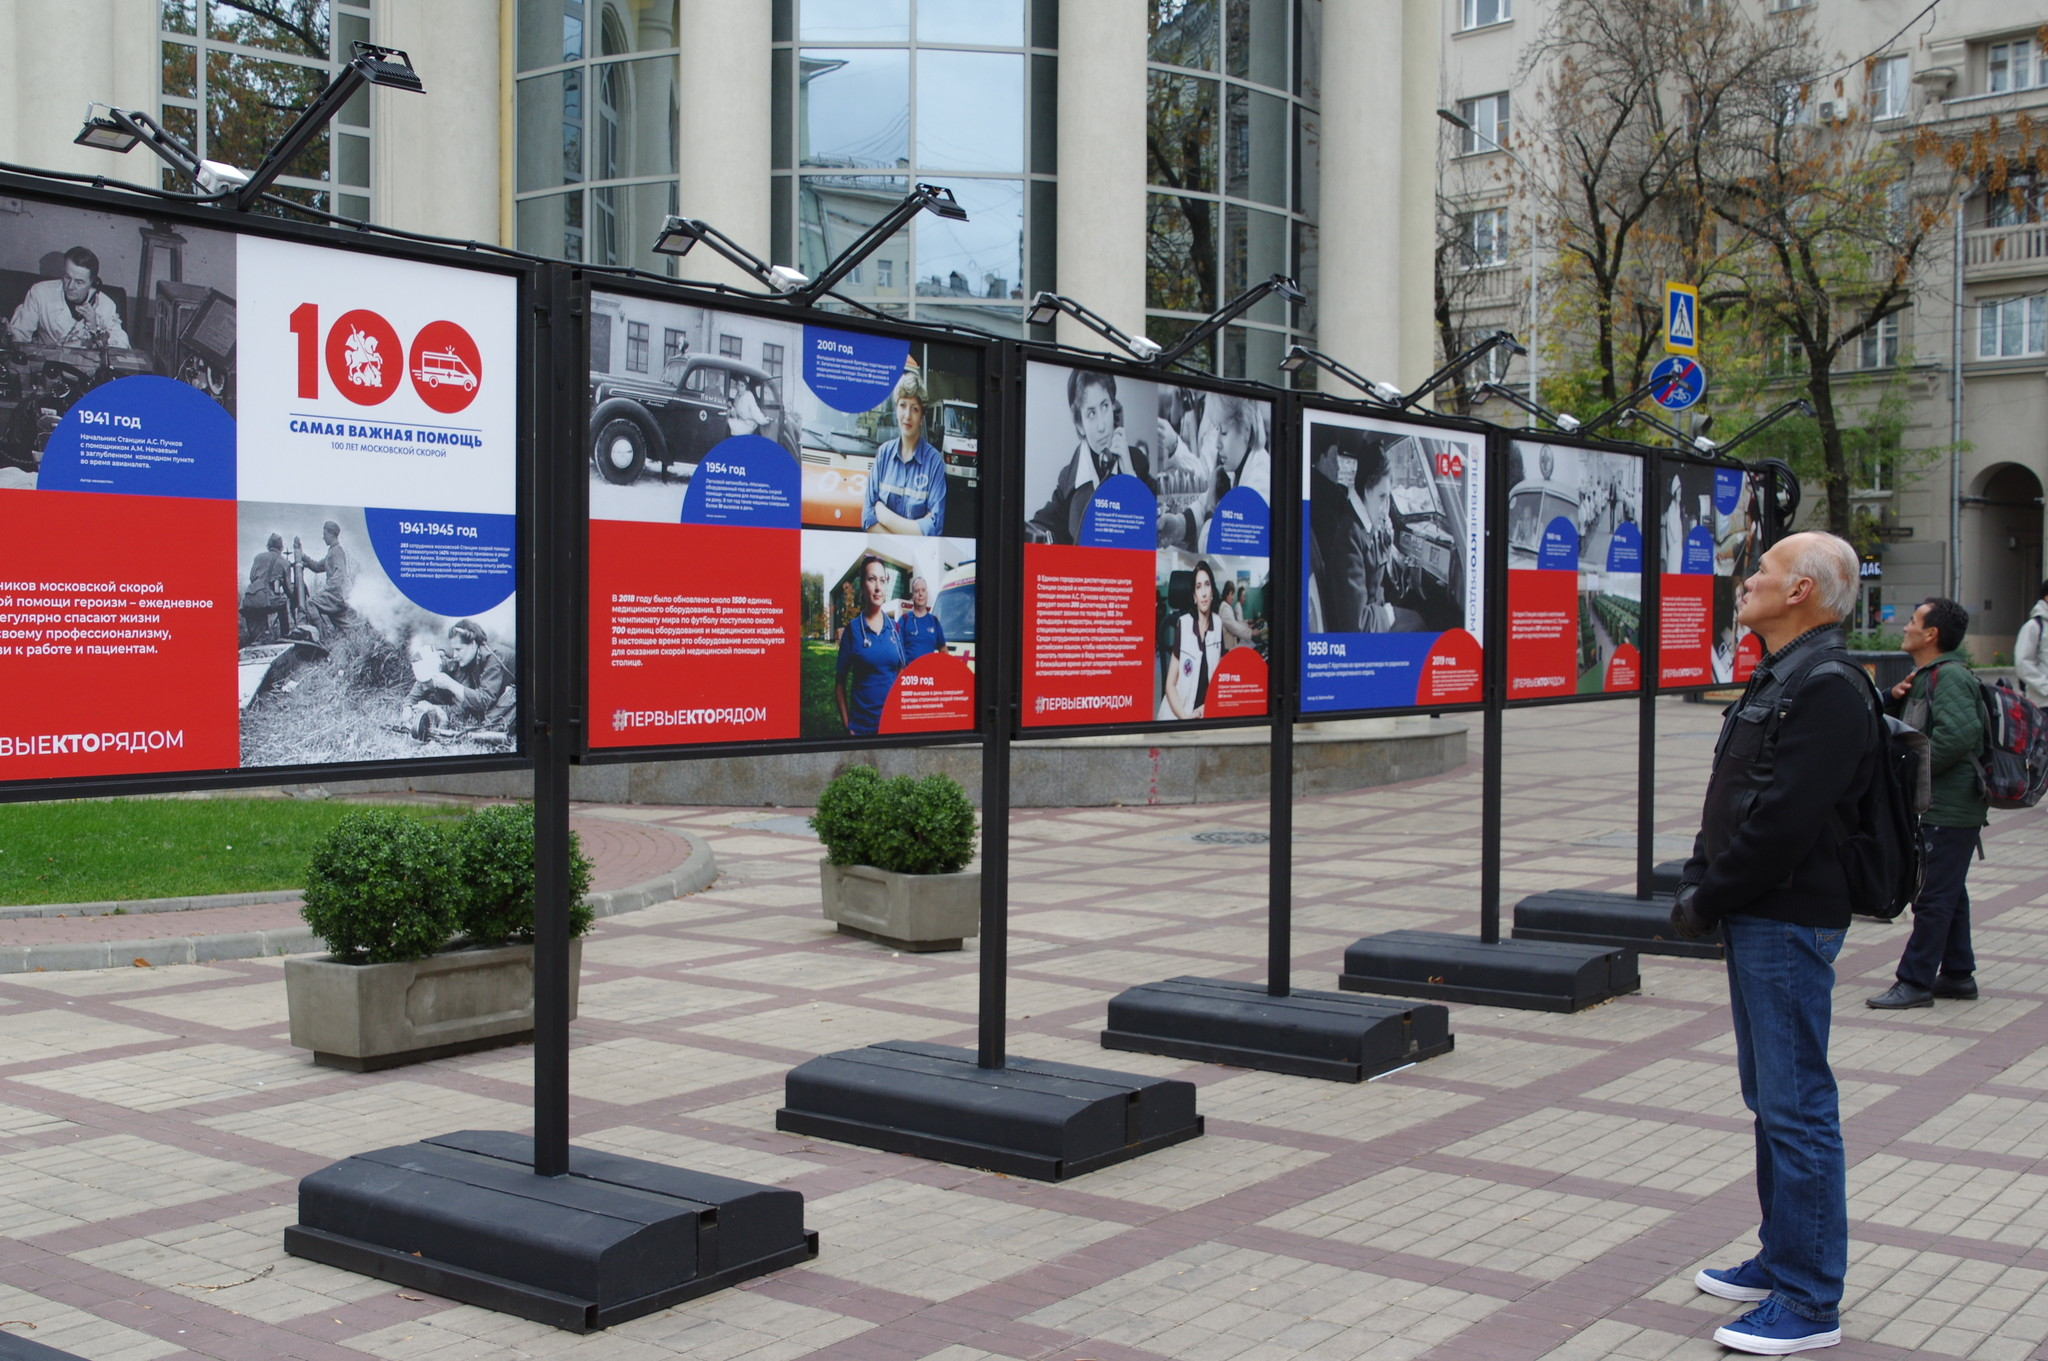 Тематическая фотовыставка «100 лет спасаем жизни» на Чистопрудном бульваре